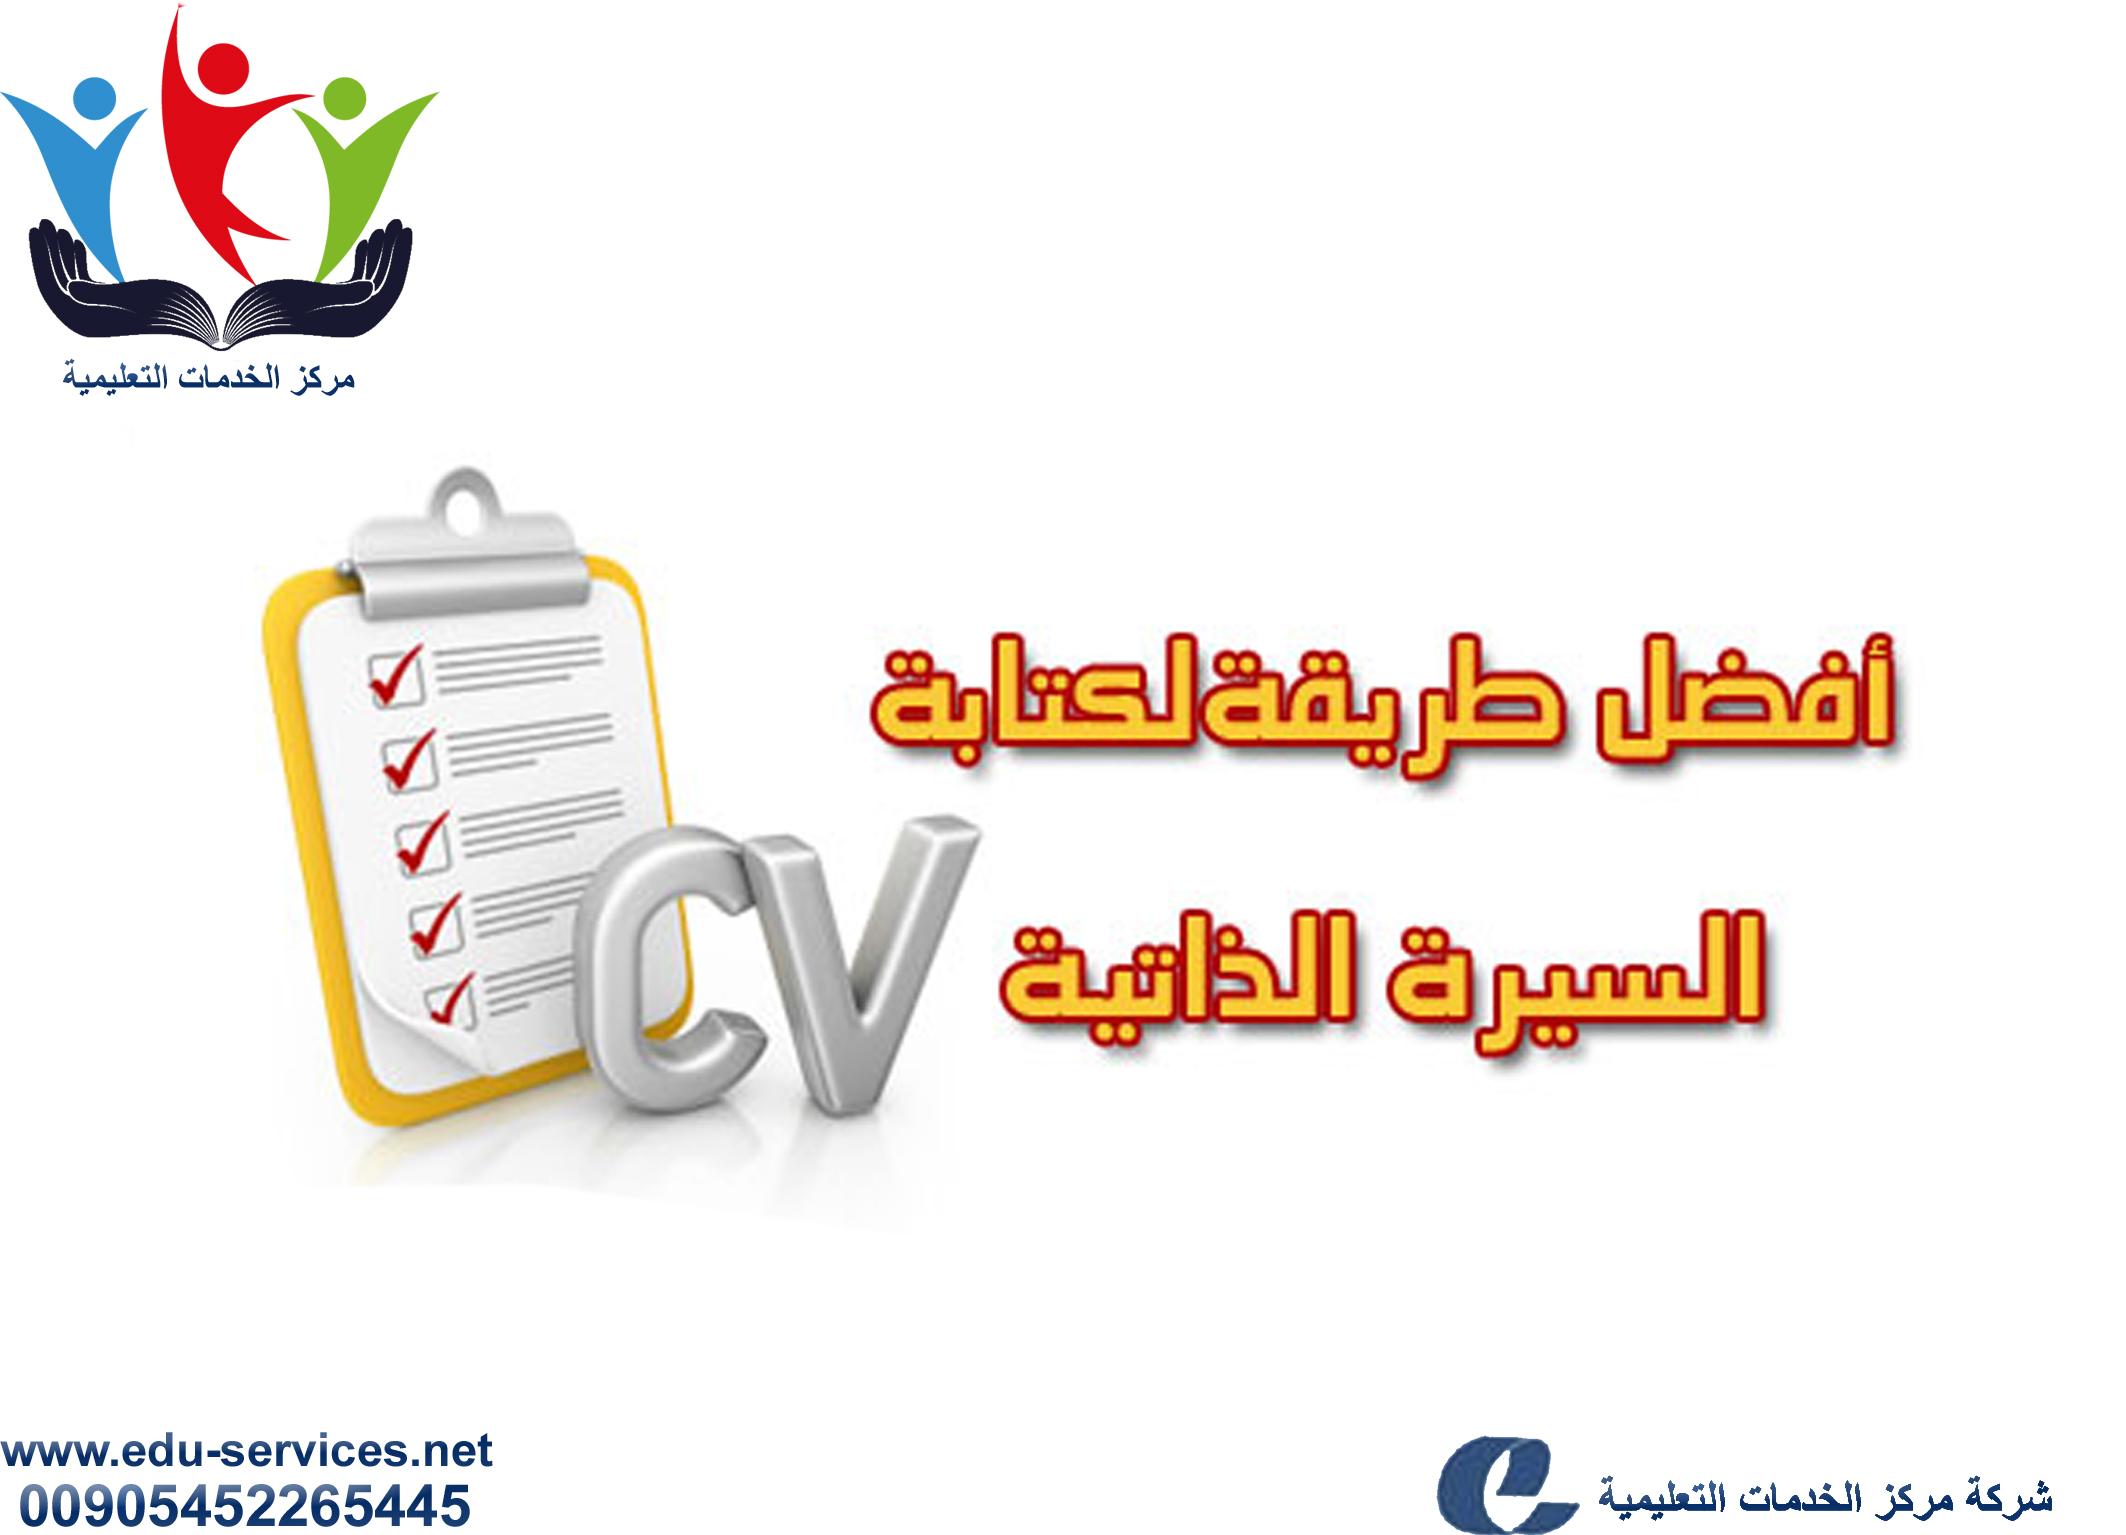 تحميل نموذج سيرة ذاتية Cv باللغة العربية والإنجليزية للعام 2018